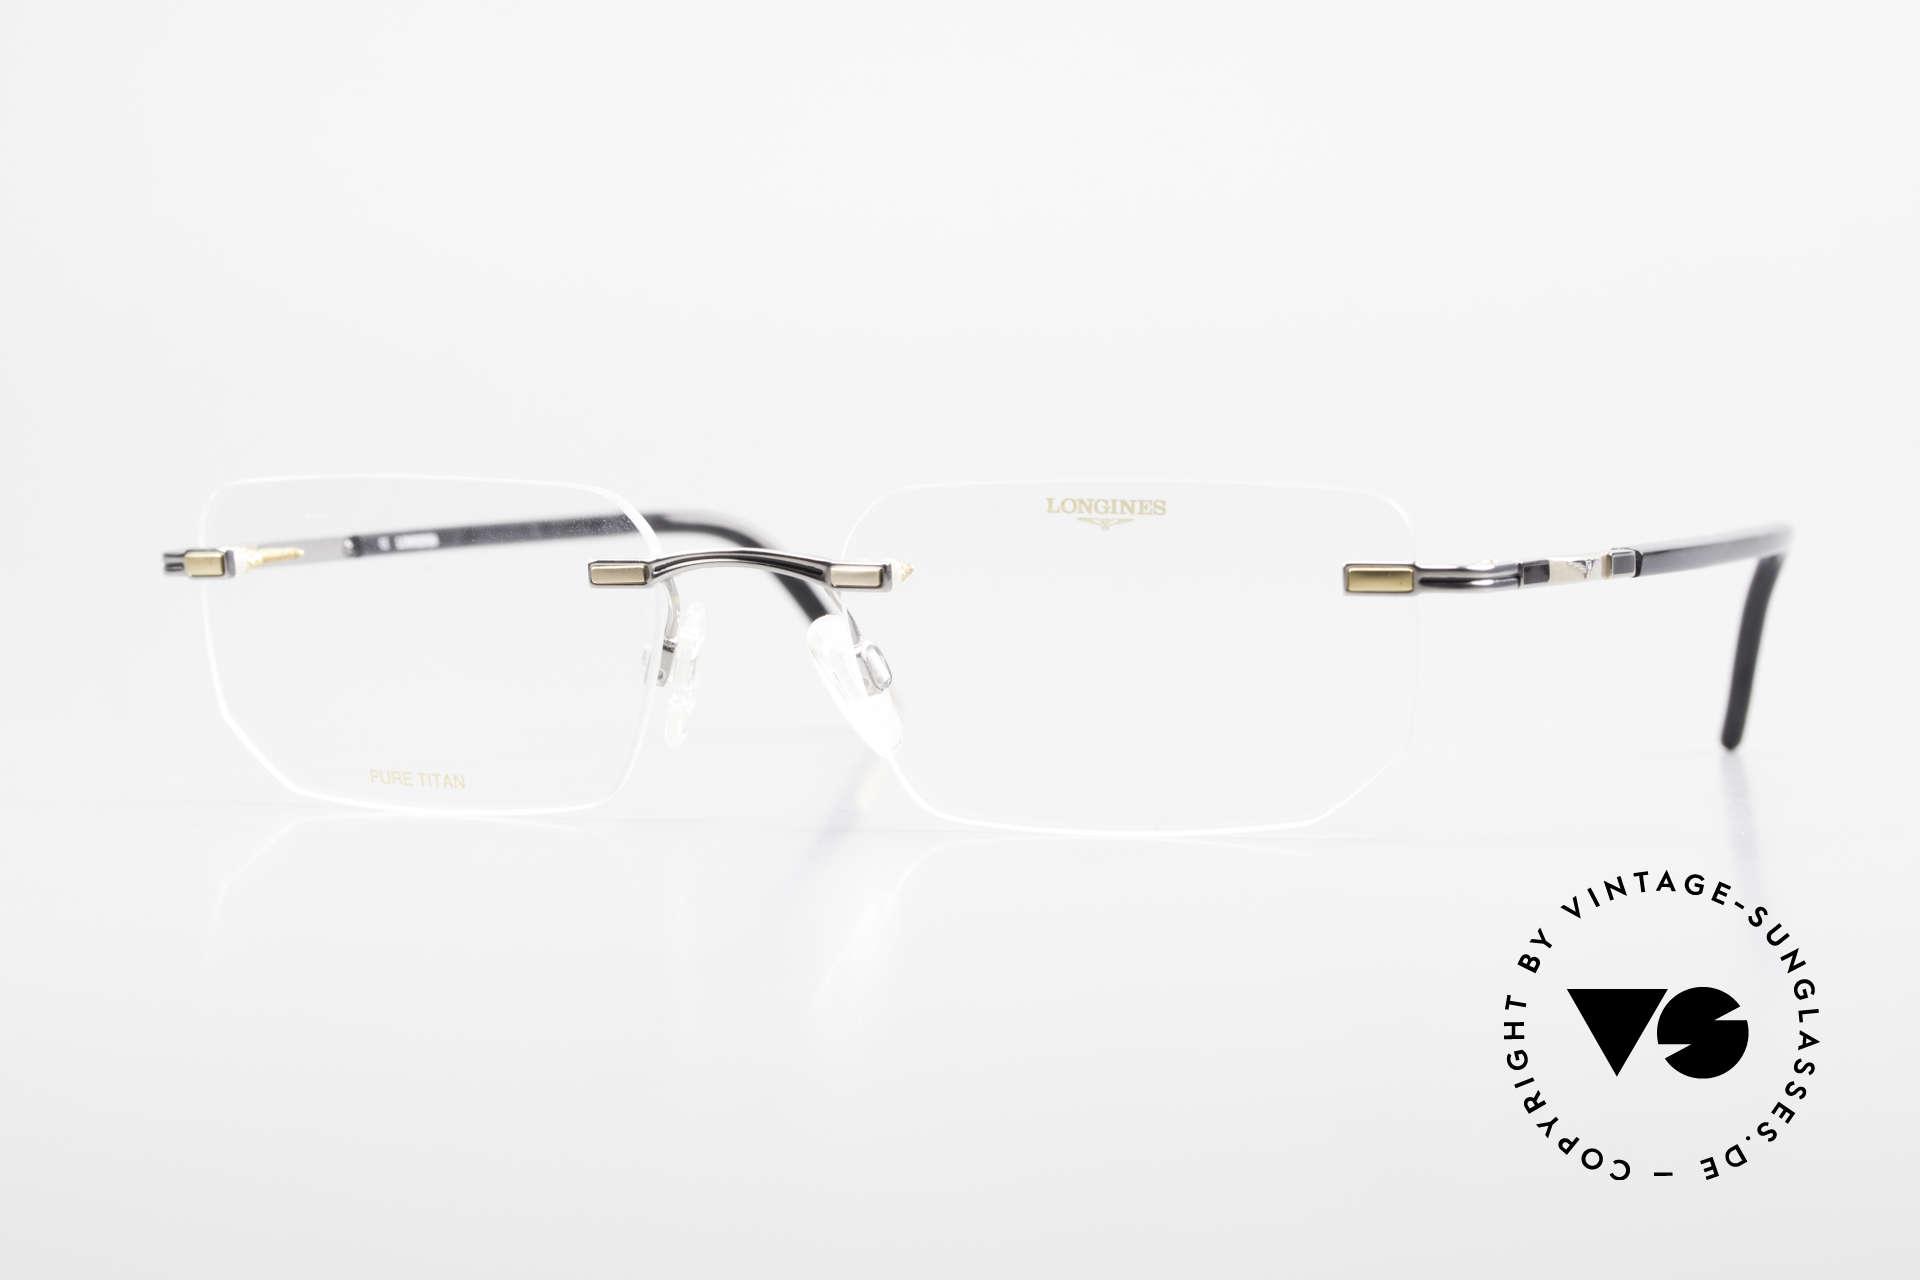 Longines 4238 Rimless 90's Eyeglasses Men, rimless 1990's eyeglases; Pure Titan men's glasses, Made for Men